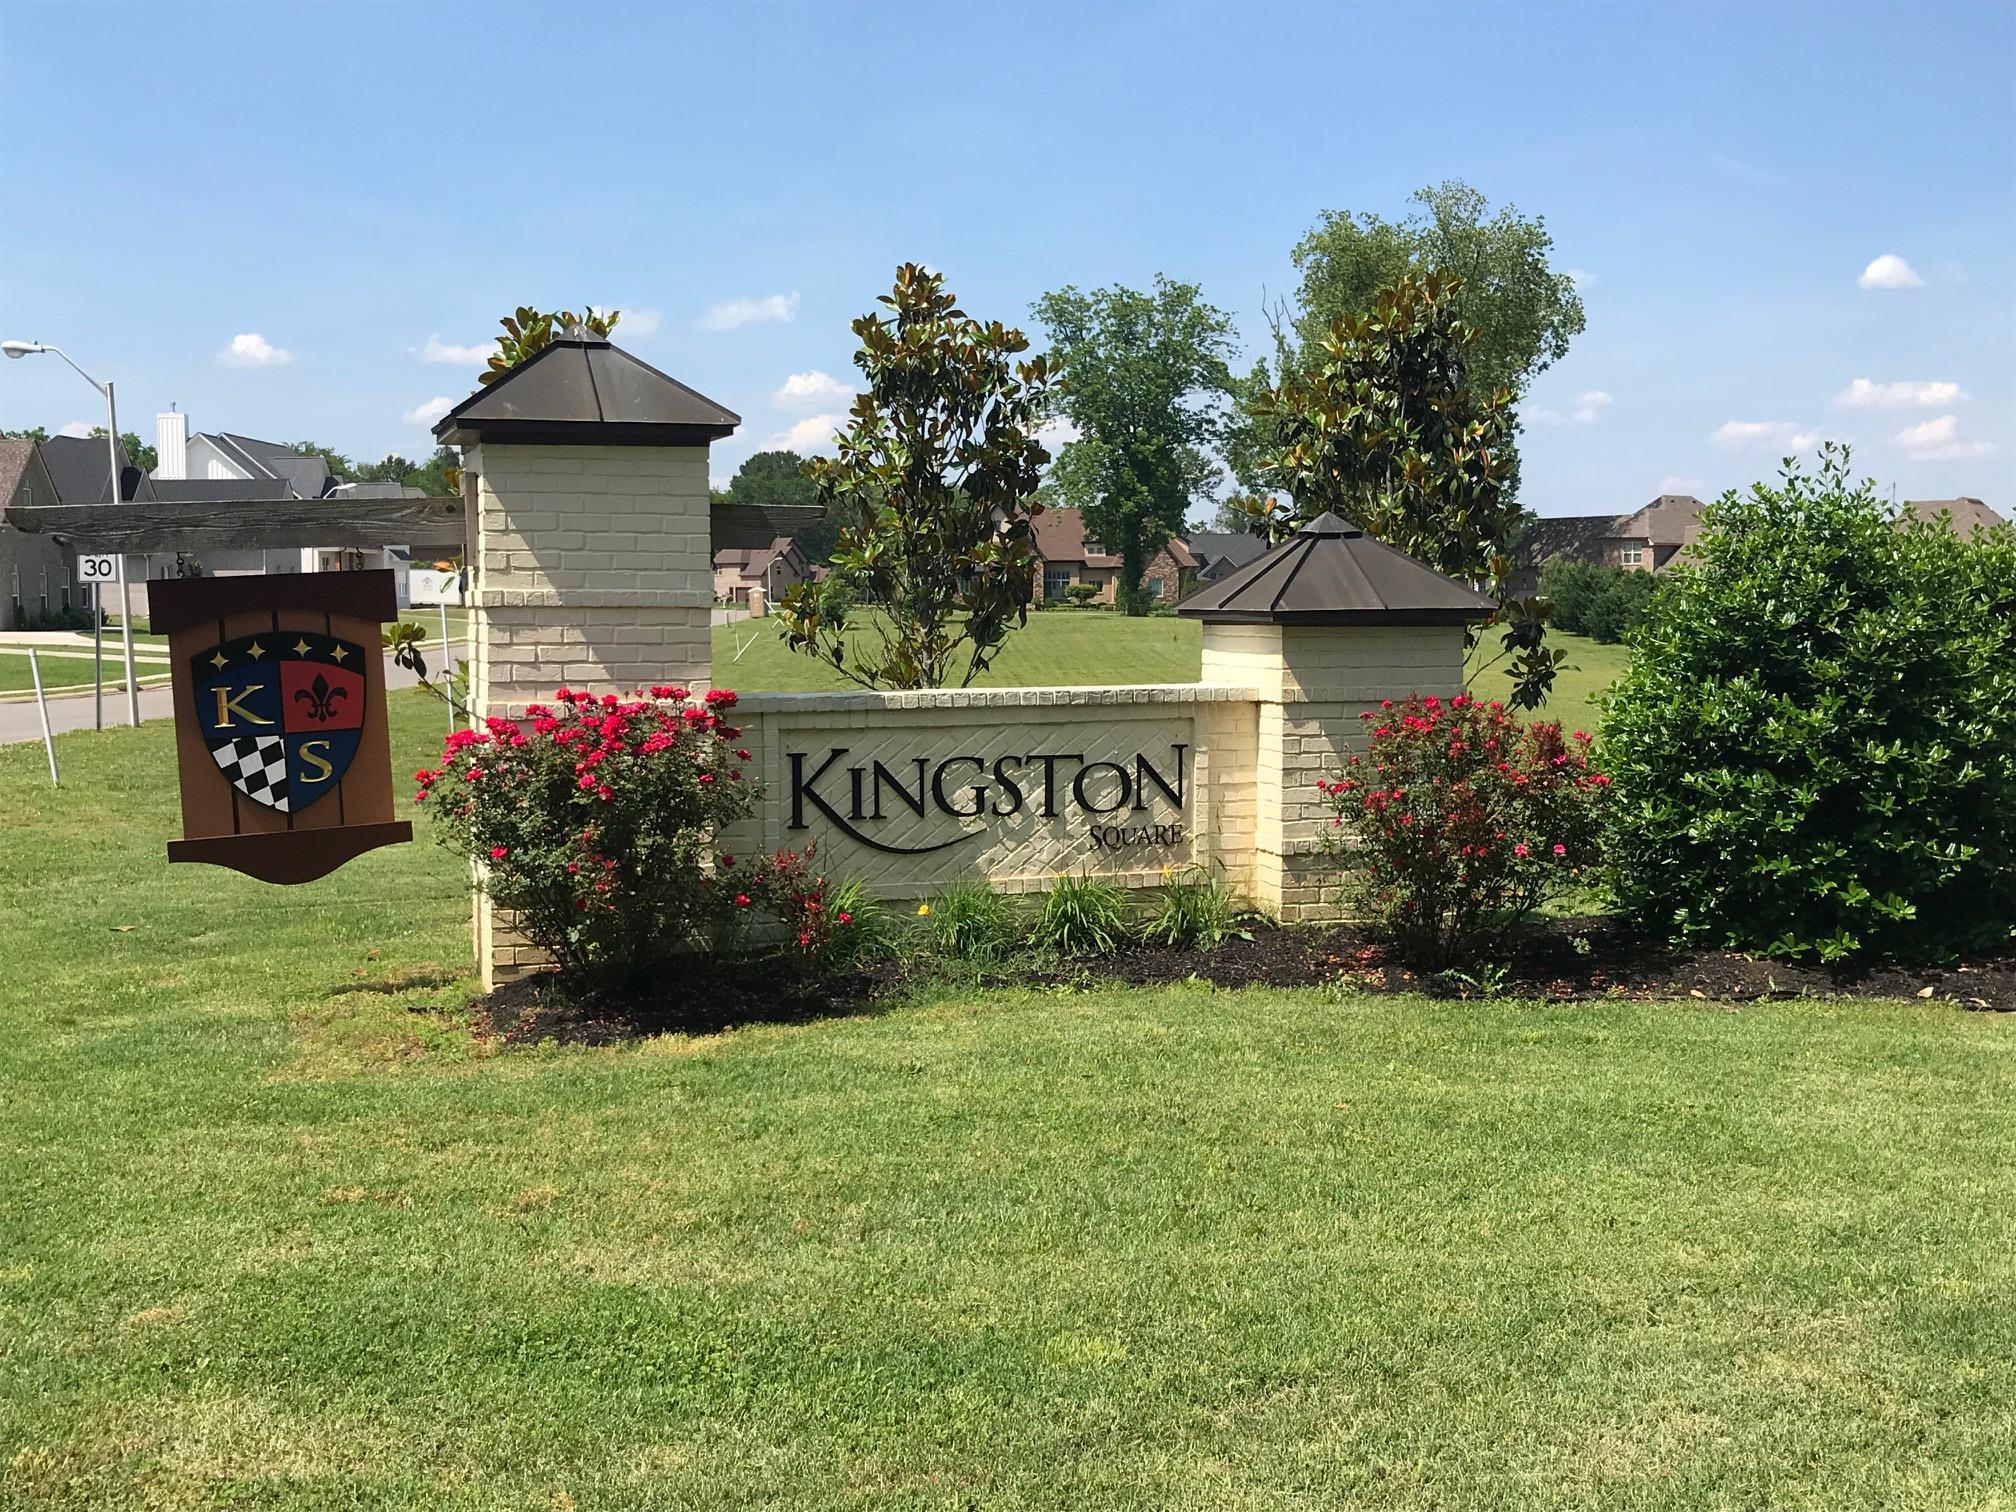 924 Empire Blvd, Murfreesboro, TN 37132 - Murfreesboro, TN real estate listing